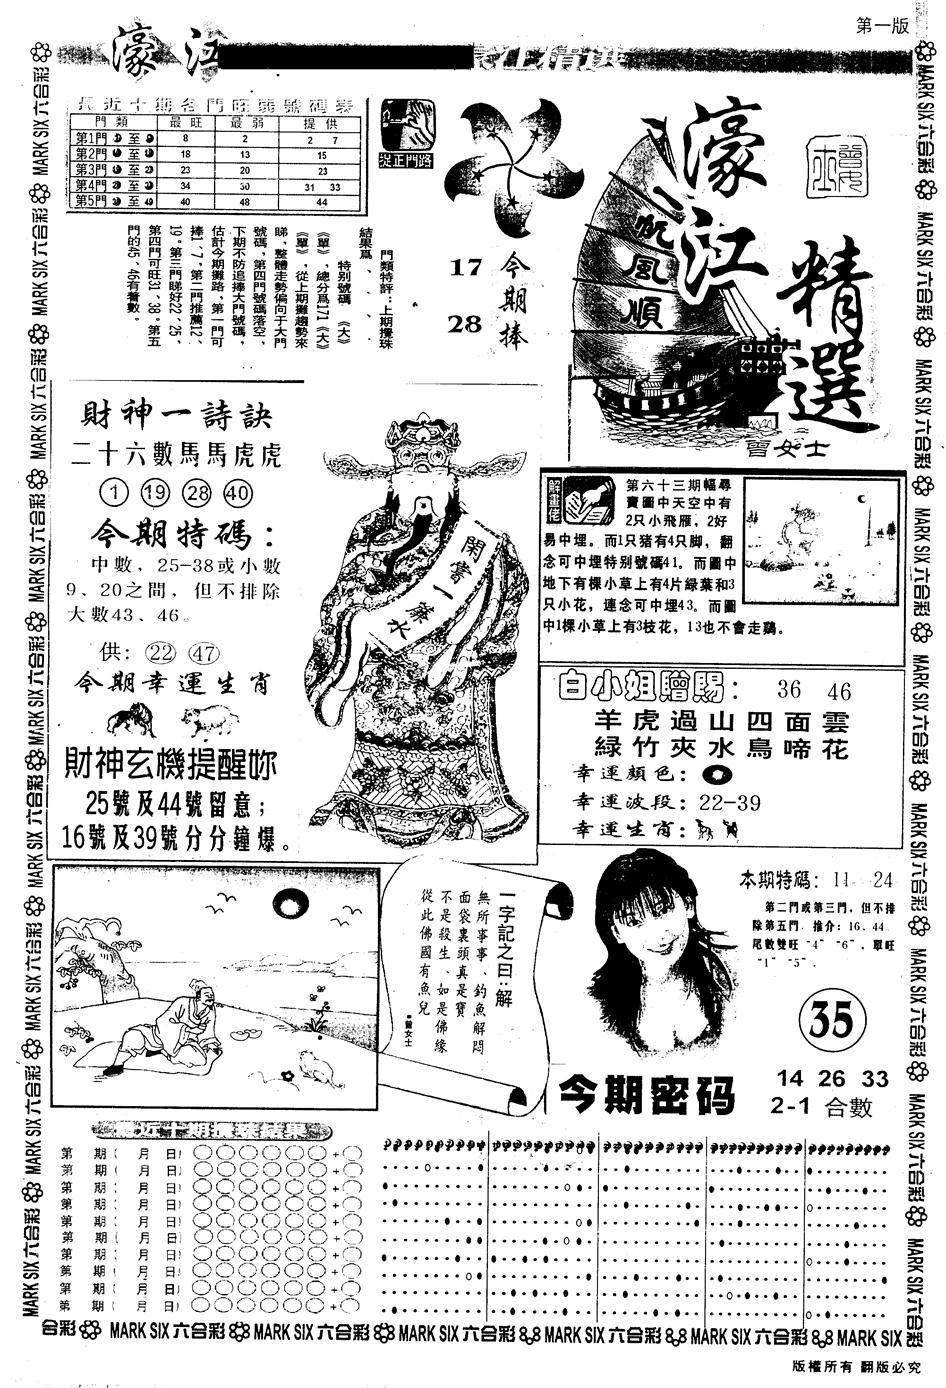 064期另版濠江精选A(黑白)